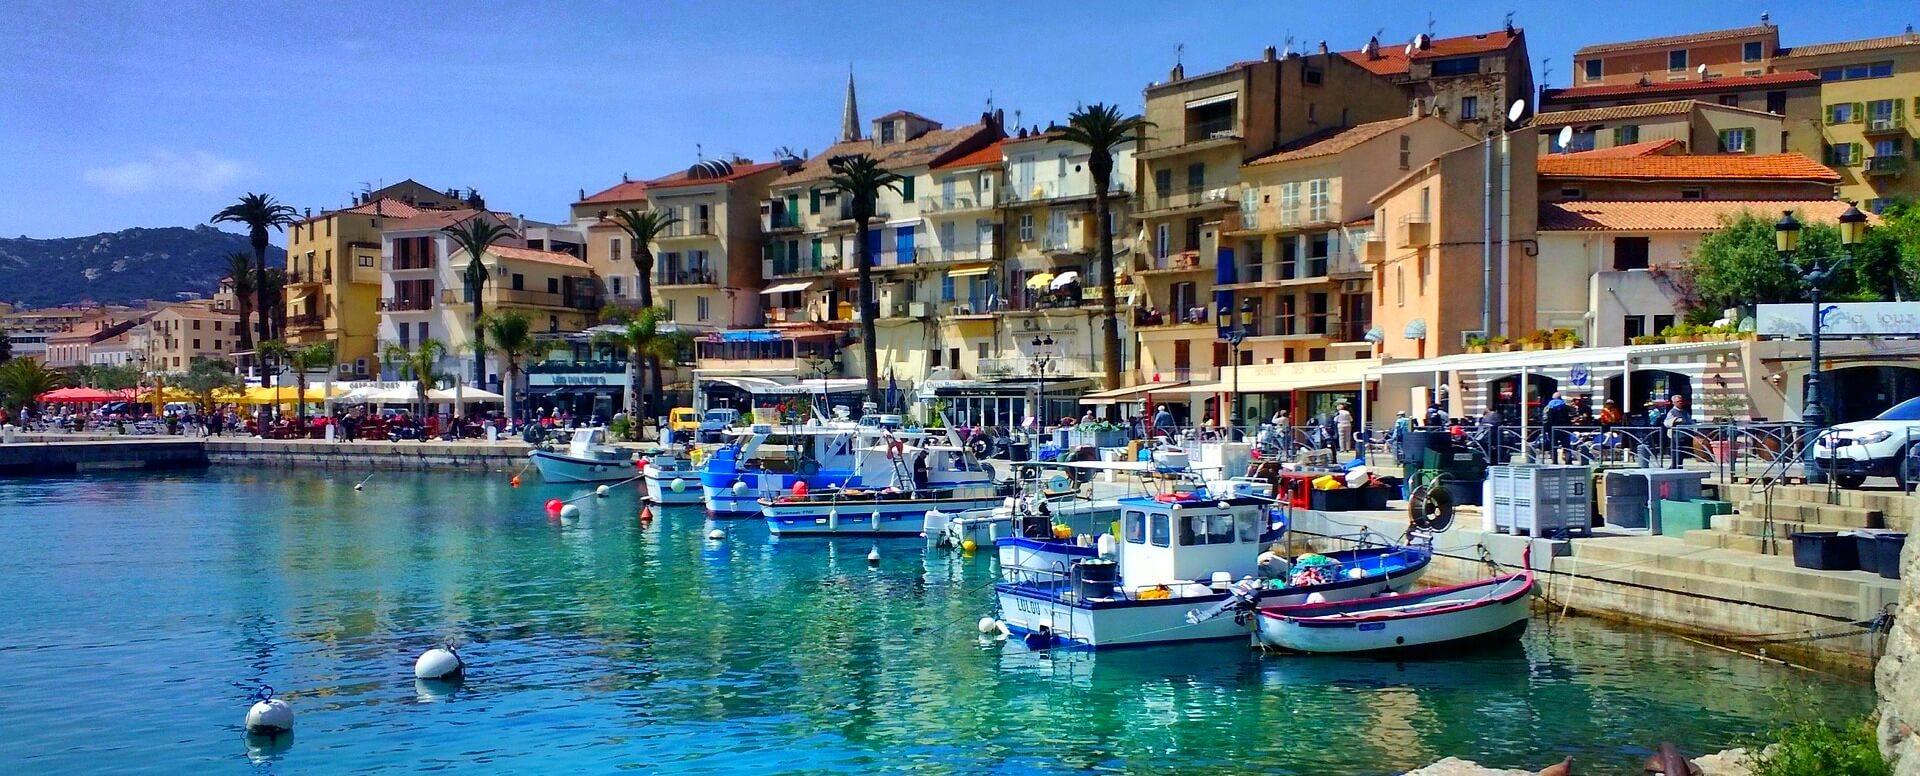 Des lieux authentiques à découvrir - Corse